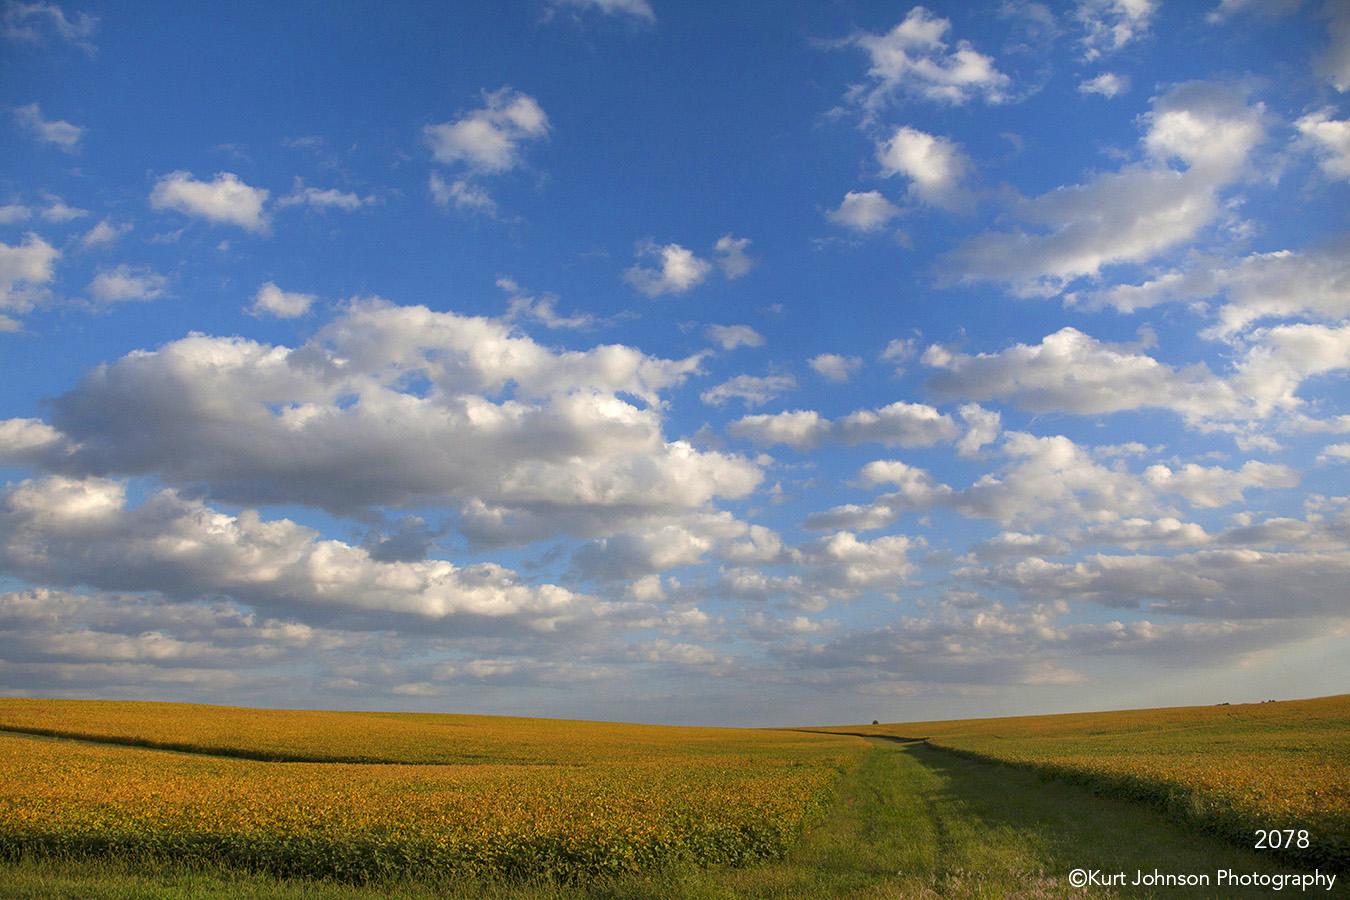 landscape fields crops clouds midwest